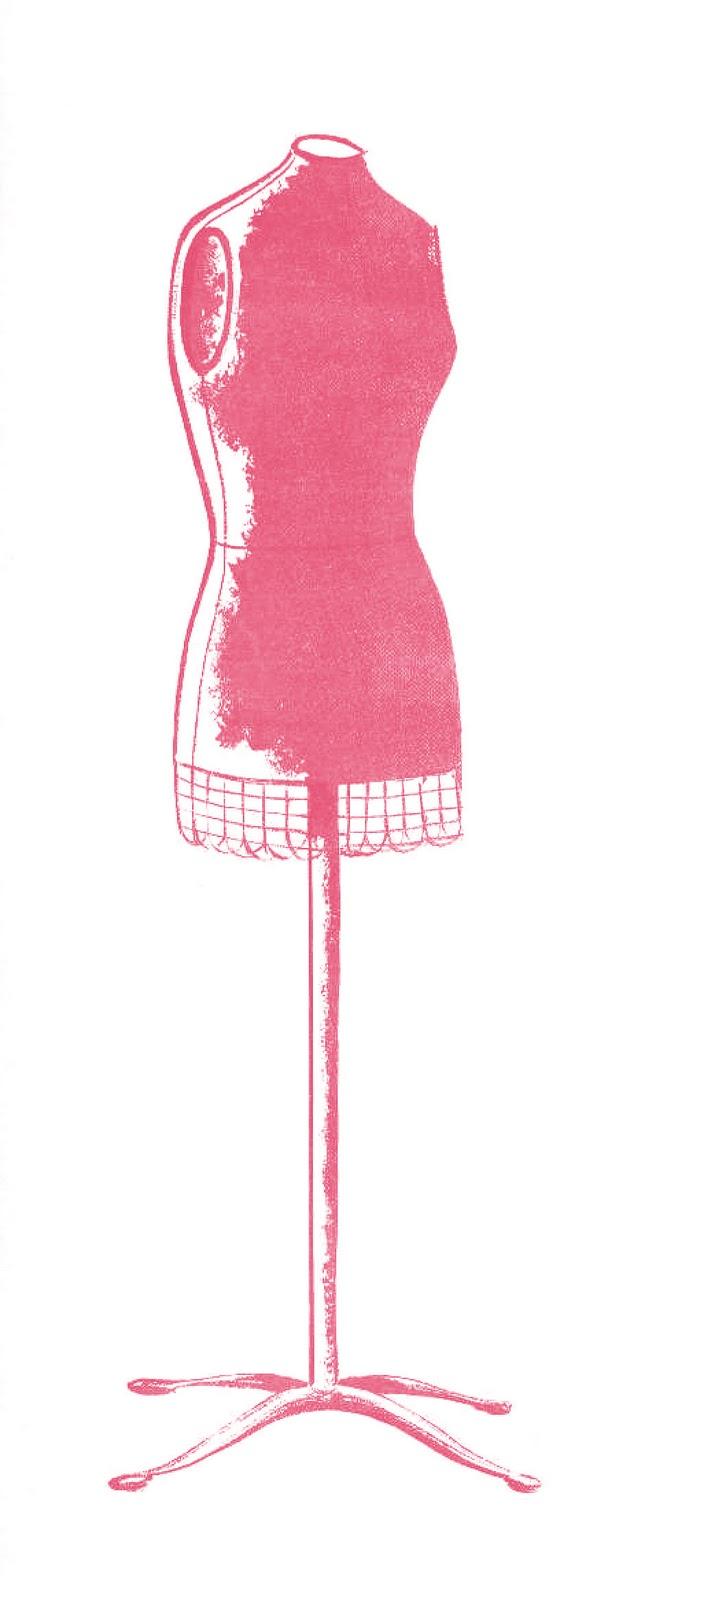 Dress clipart cute  Cute Art Clip Forms